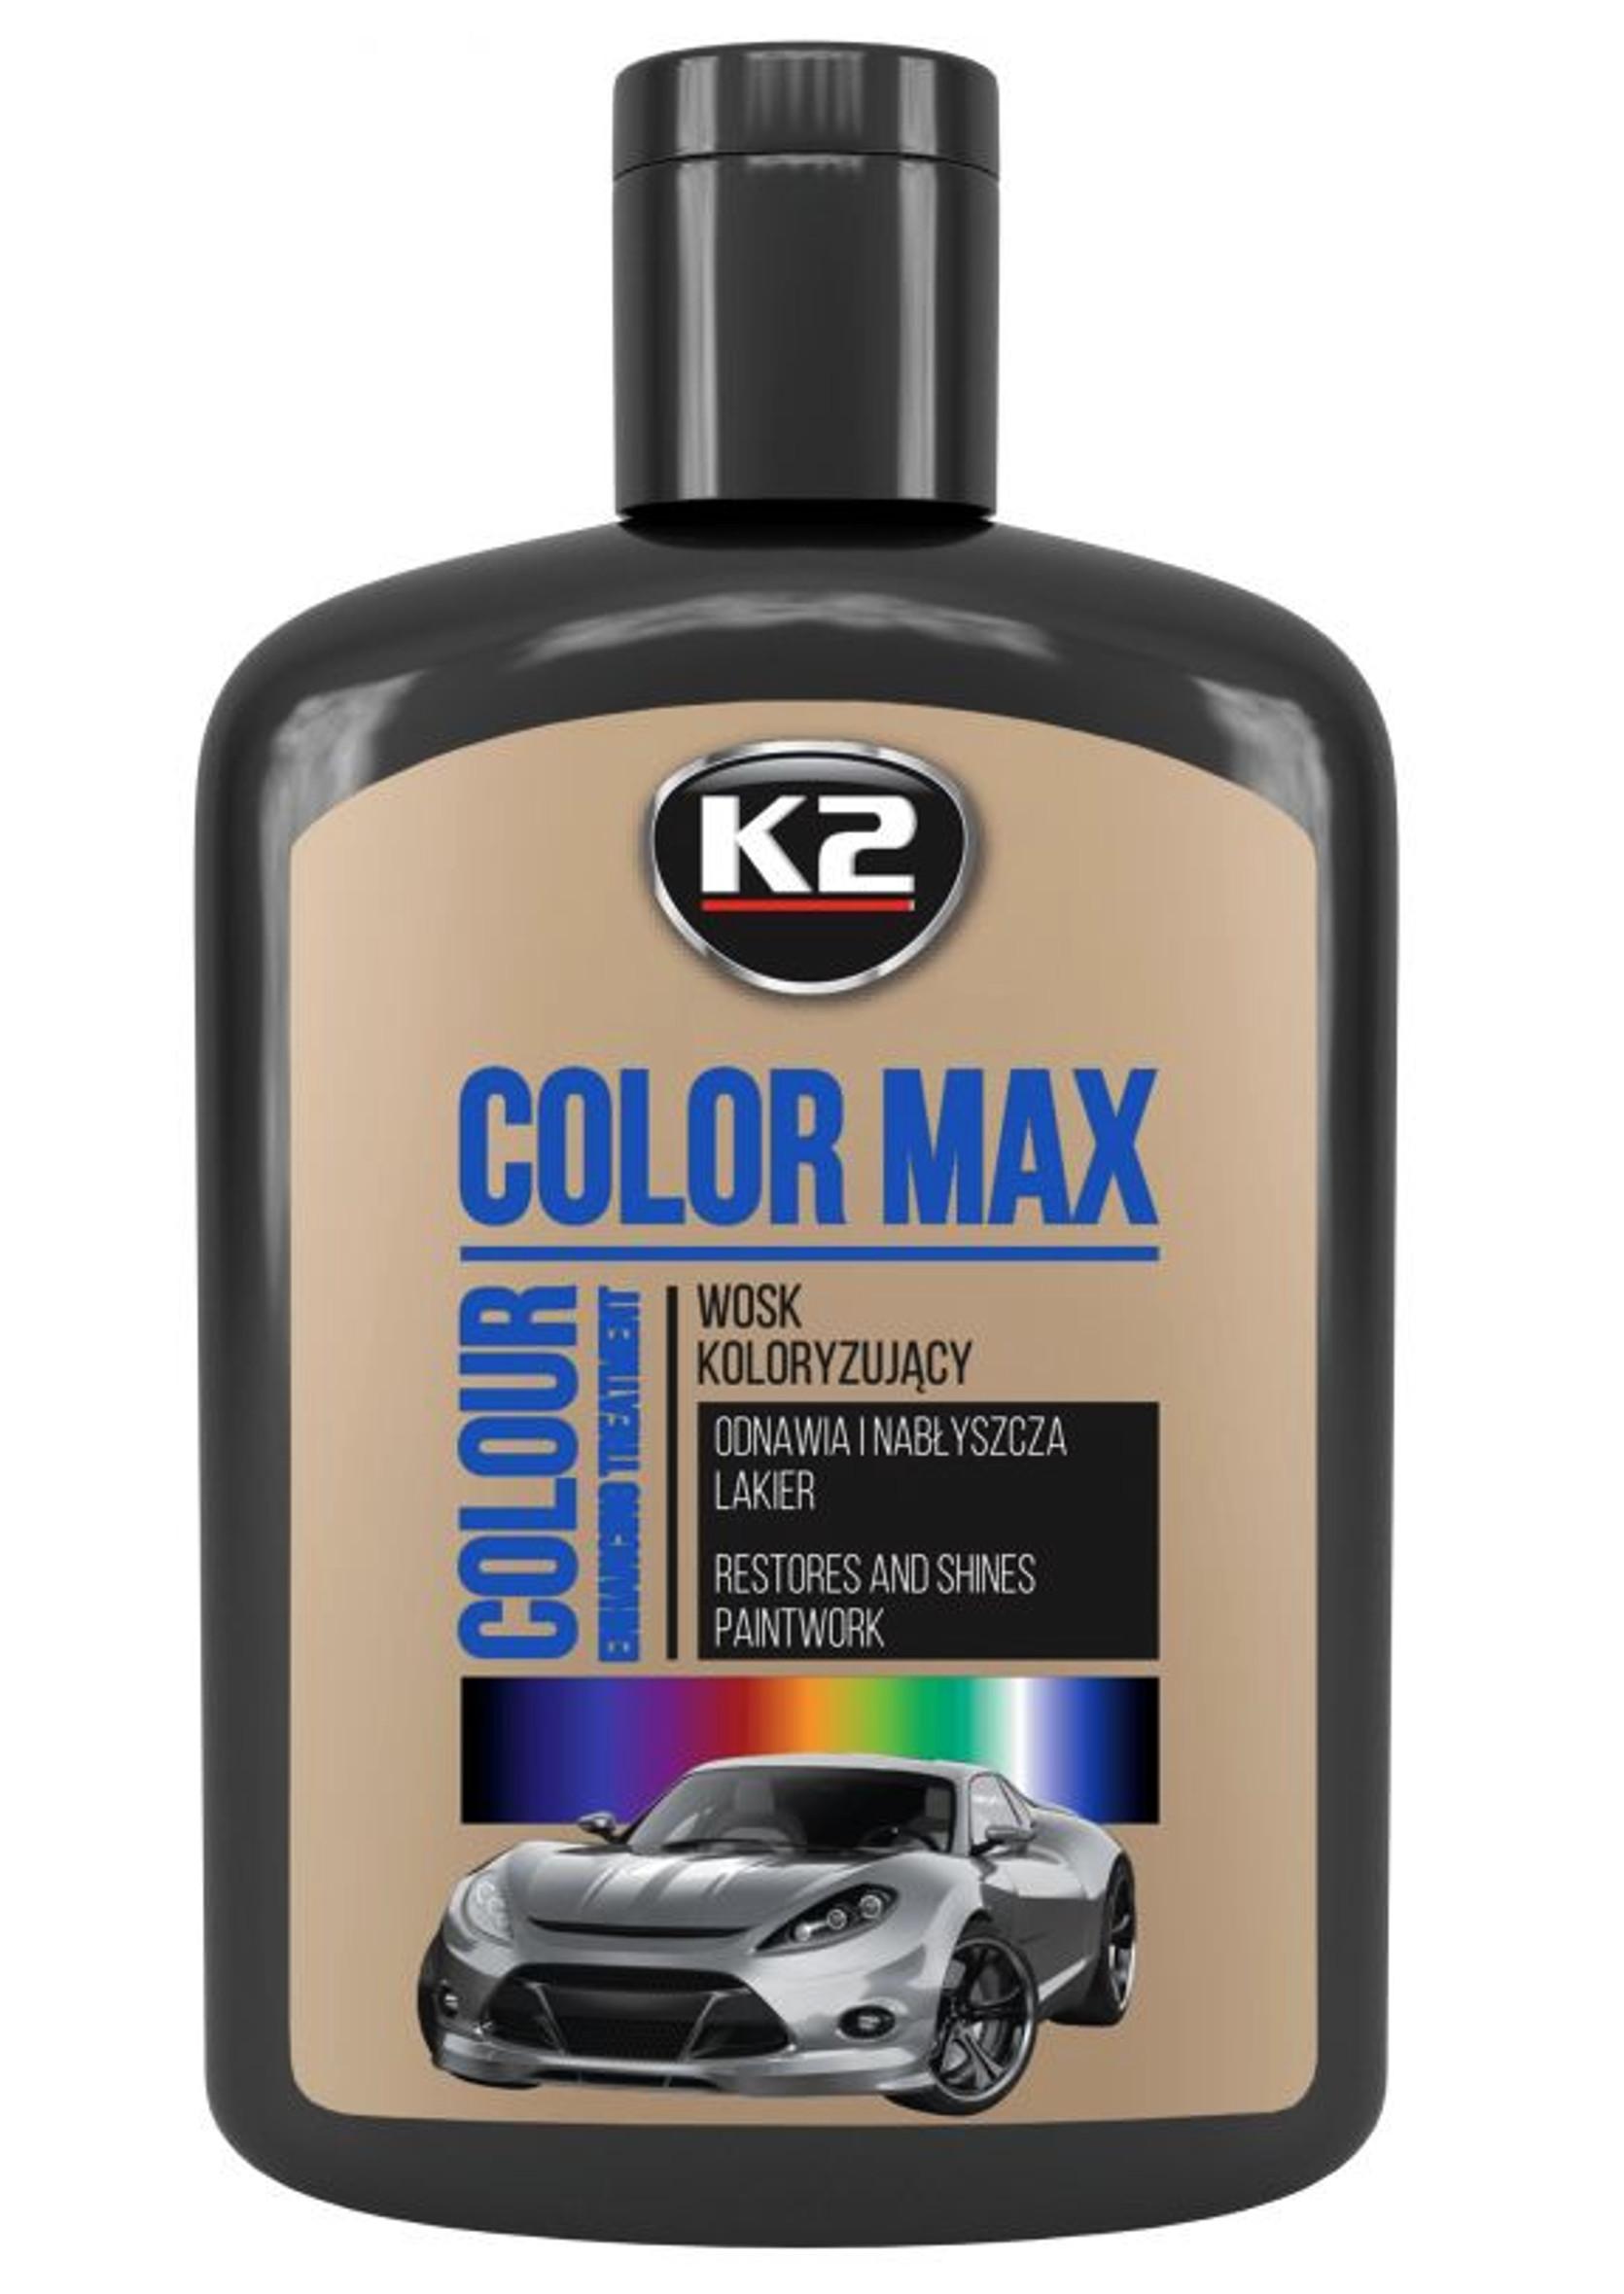 K2 Color Max 200ml Czarny Wosk Koloryzujący do Lakieru